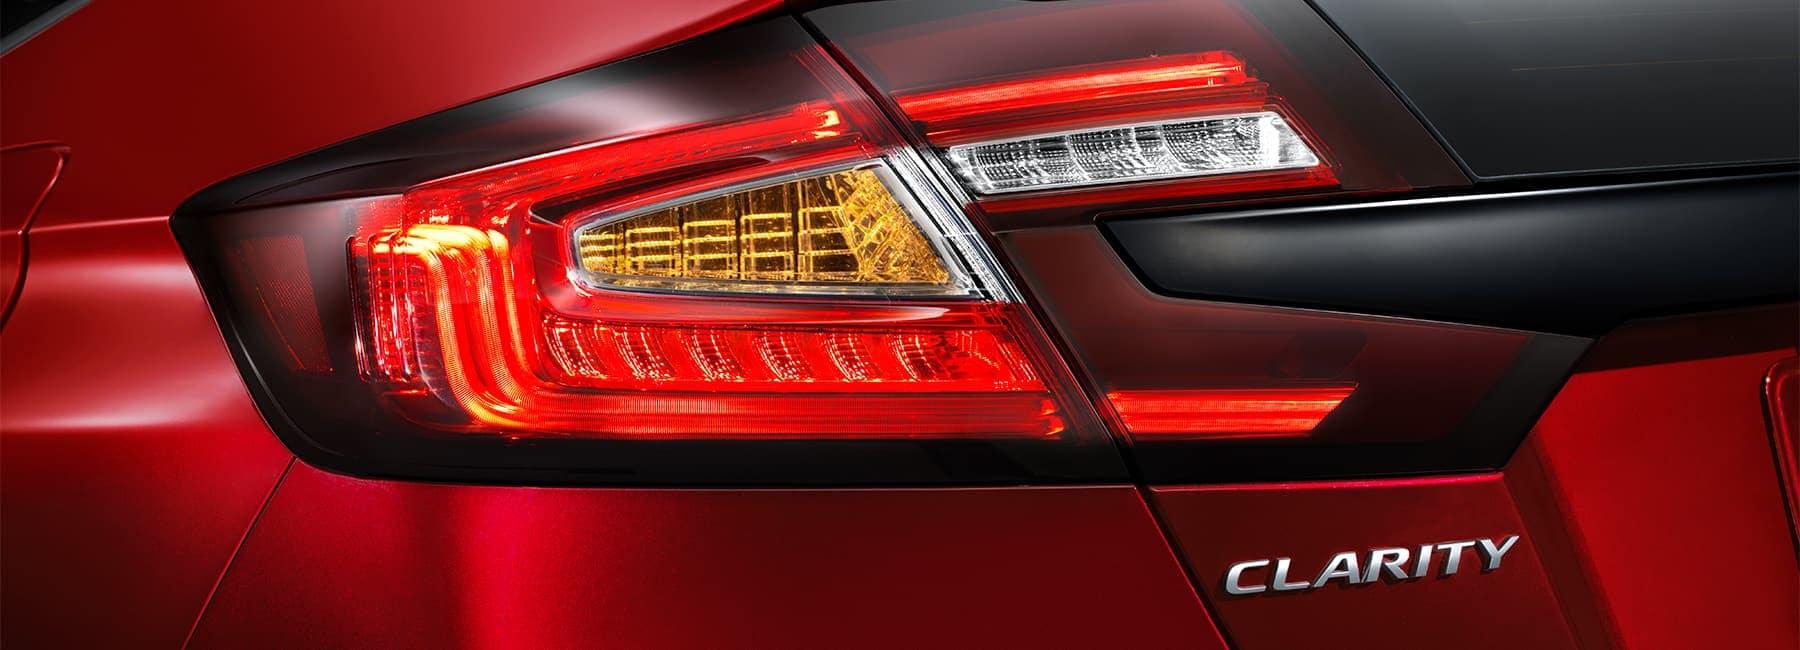 2020 Honda Clarity tail light